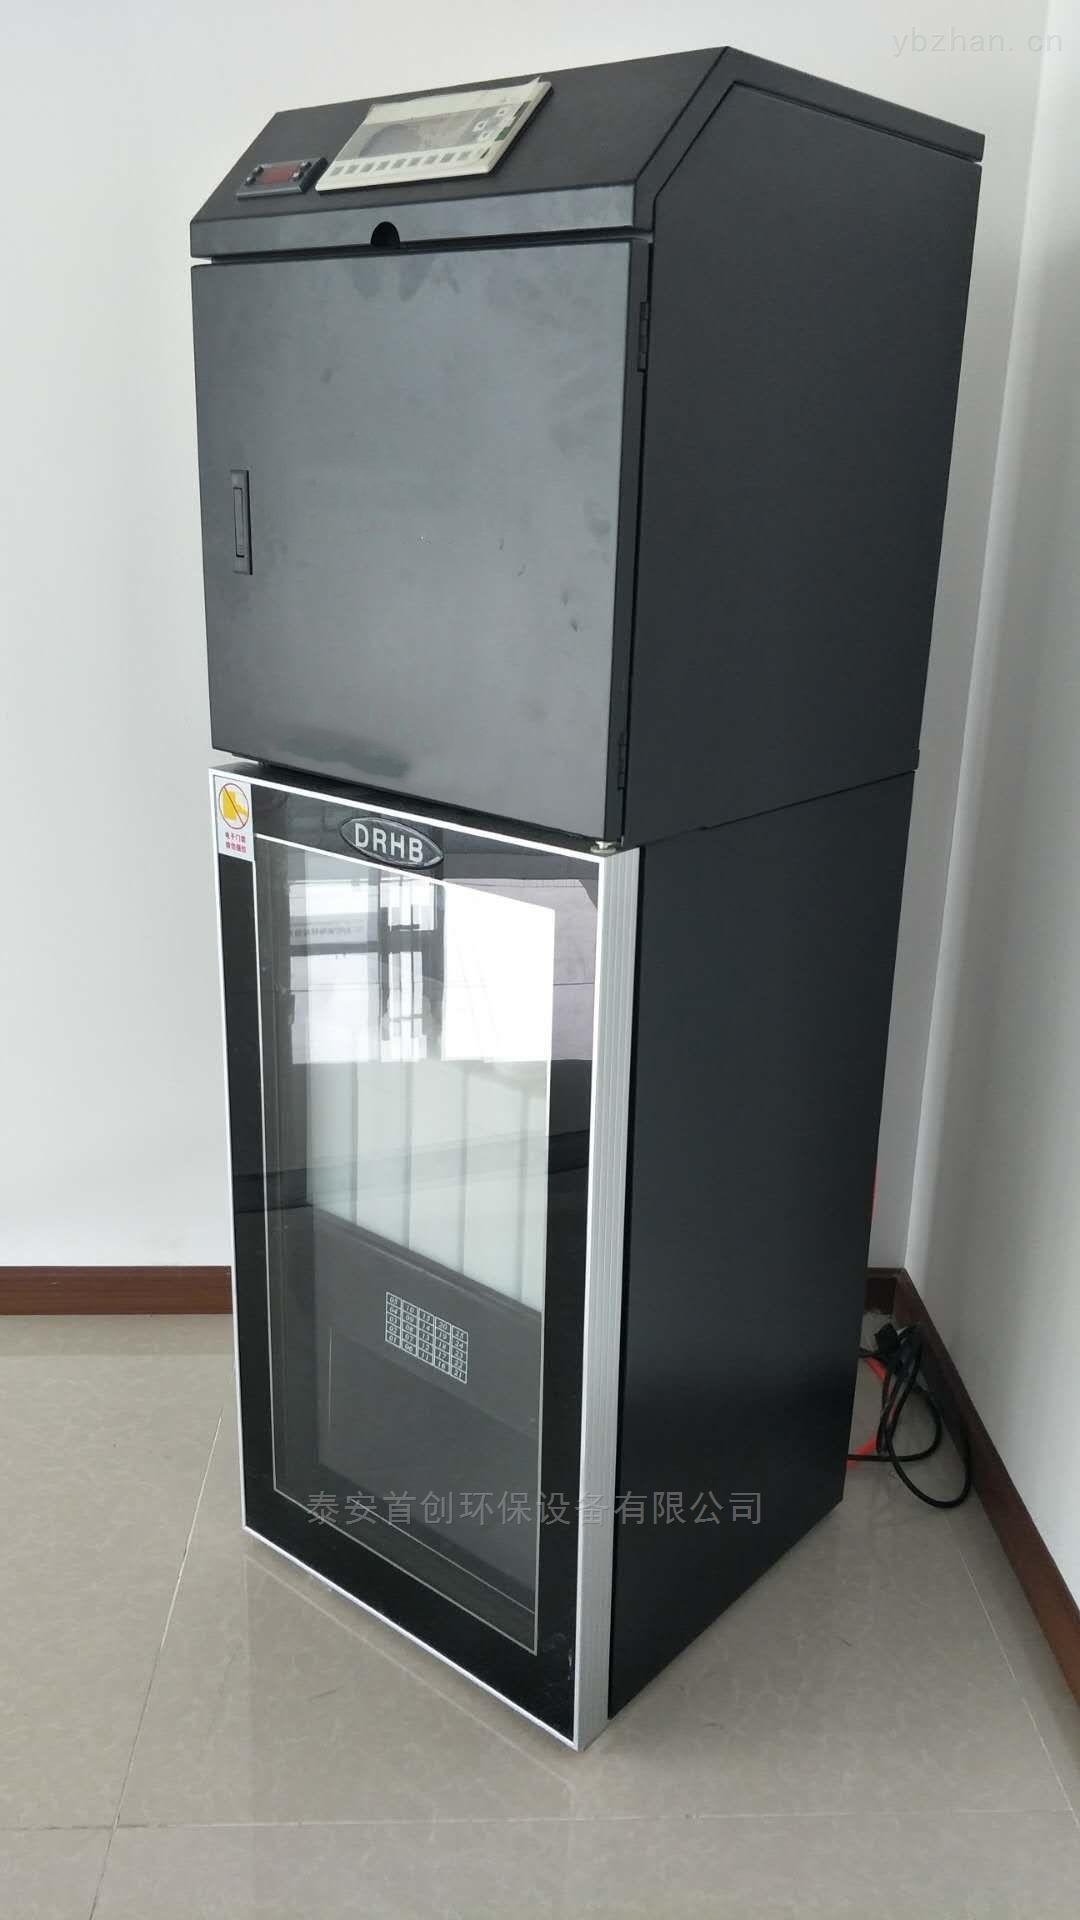 SC-8000M型-在线混合自动水质采样器